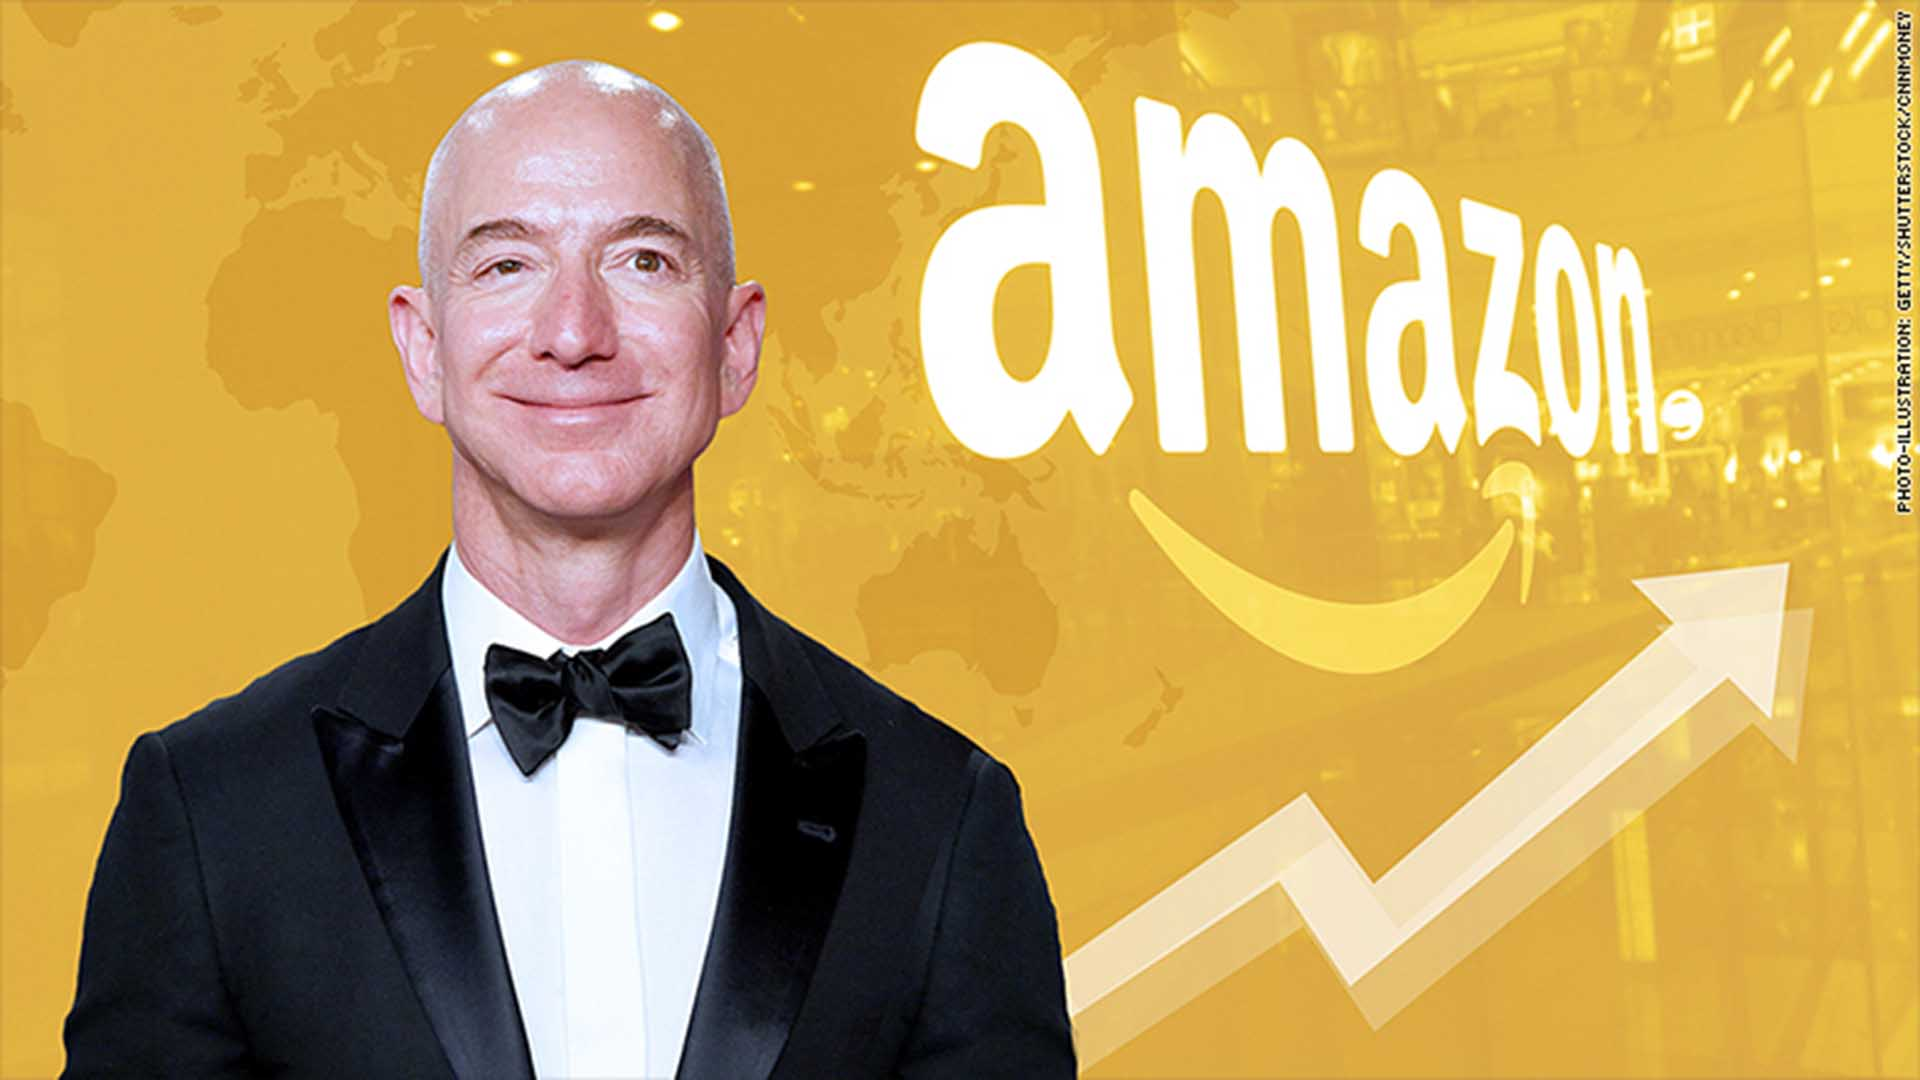 Jeff Bezos soán ngôi Bill Gates, trở thành tỉ phú giàu nhất thế giới với tài sản 150 tỉ USD